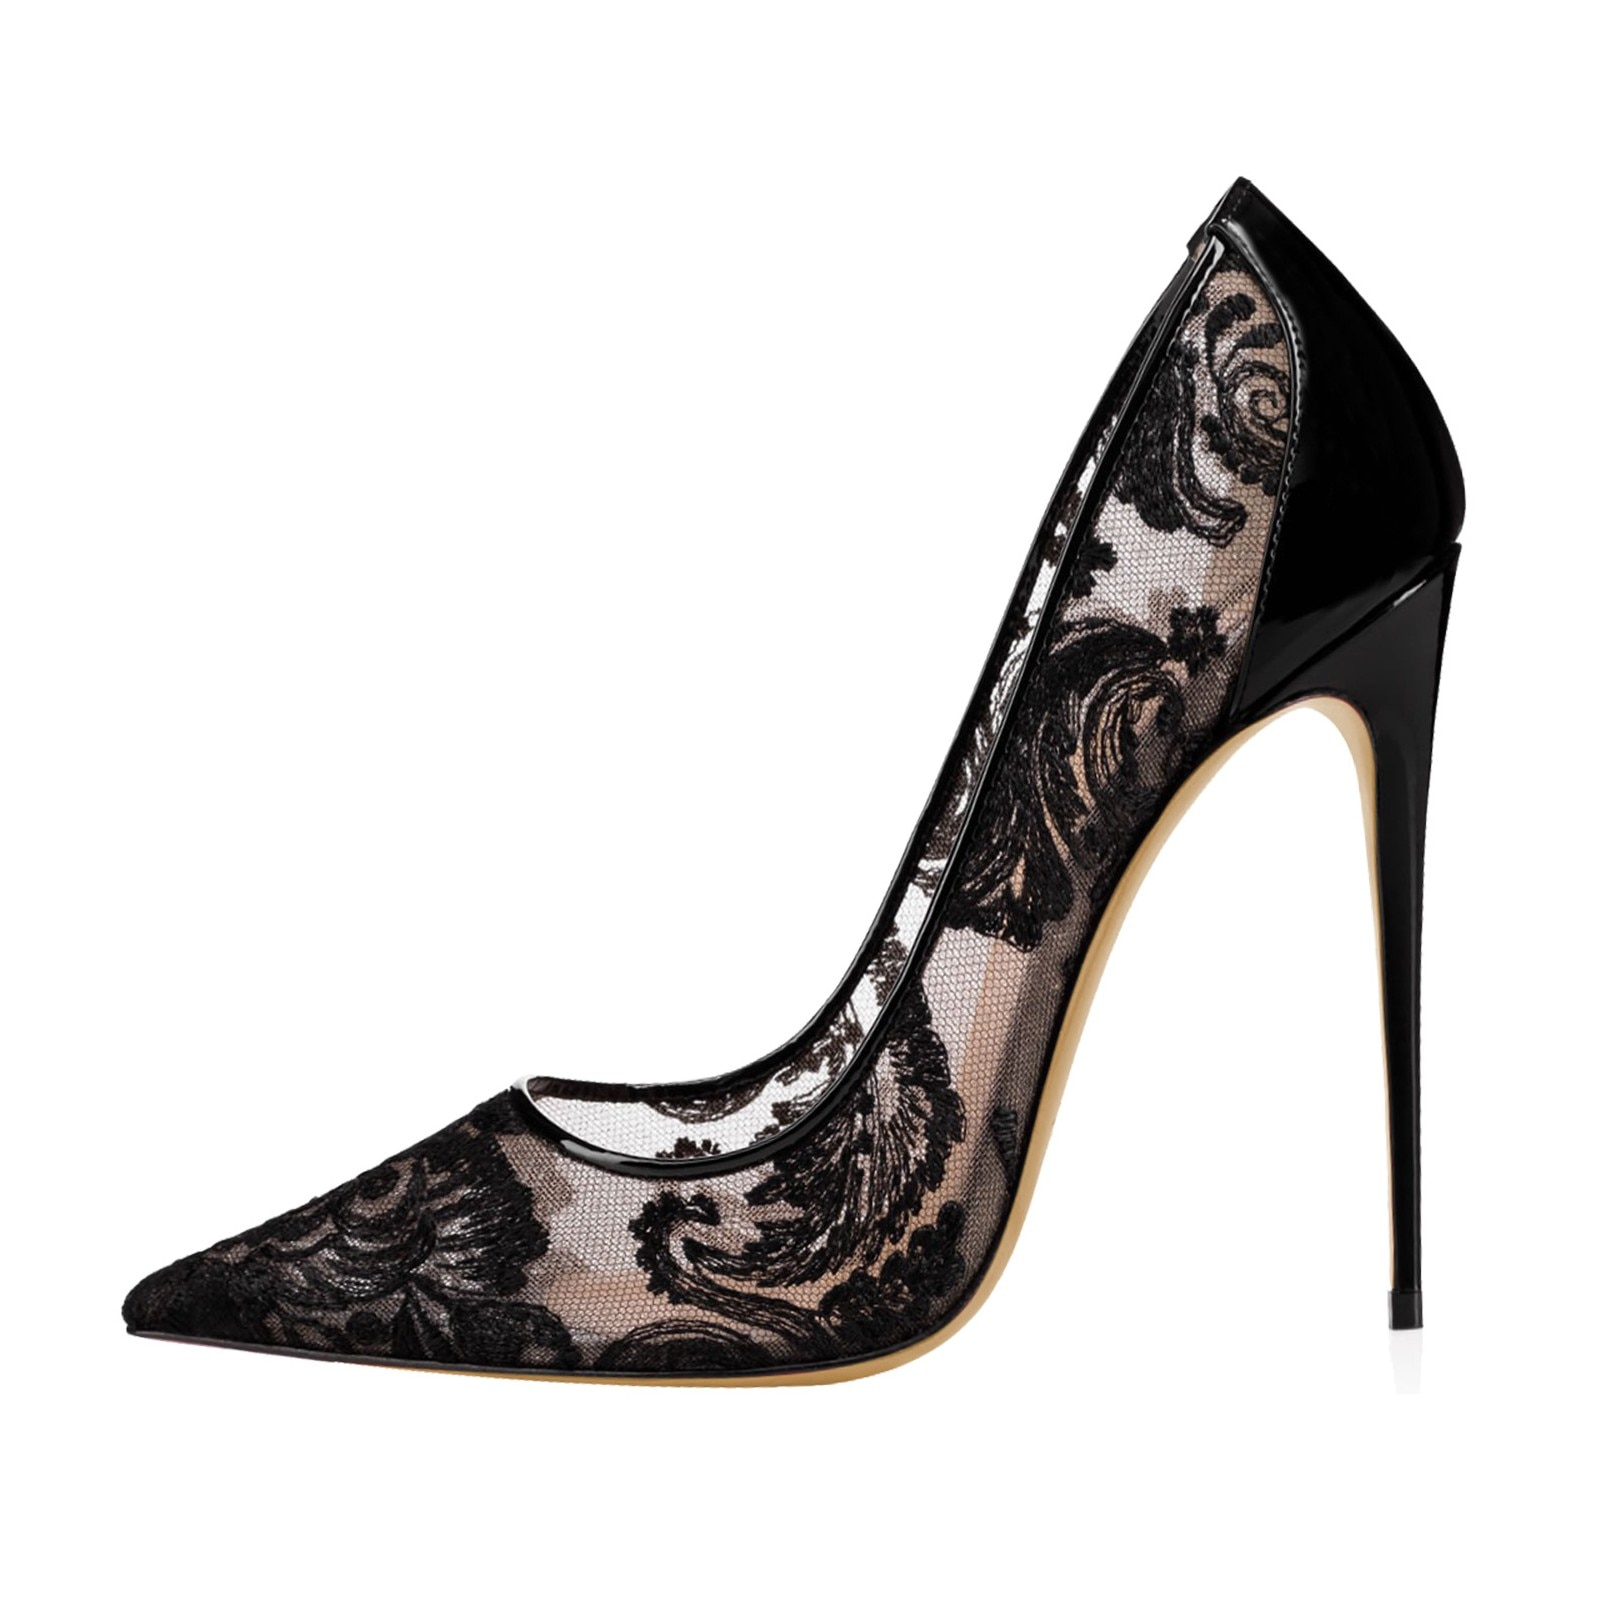 حذاء نسائي بكعب عالٍ من الدانتيل الشبكي باللونين الأسود والأبيض ، حذاء مثير بمقدمة مدببة ، D017A ، 2020